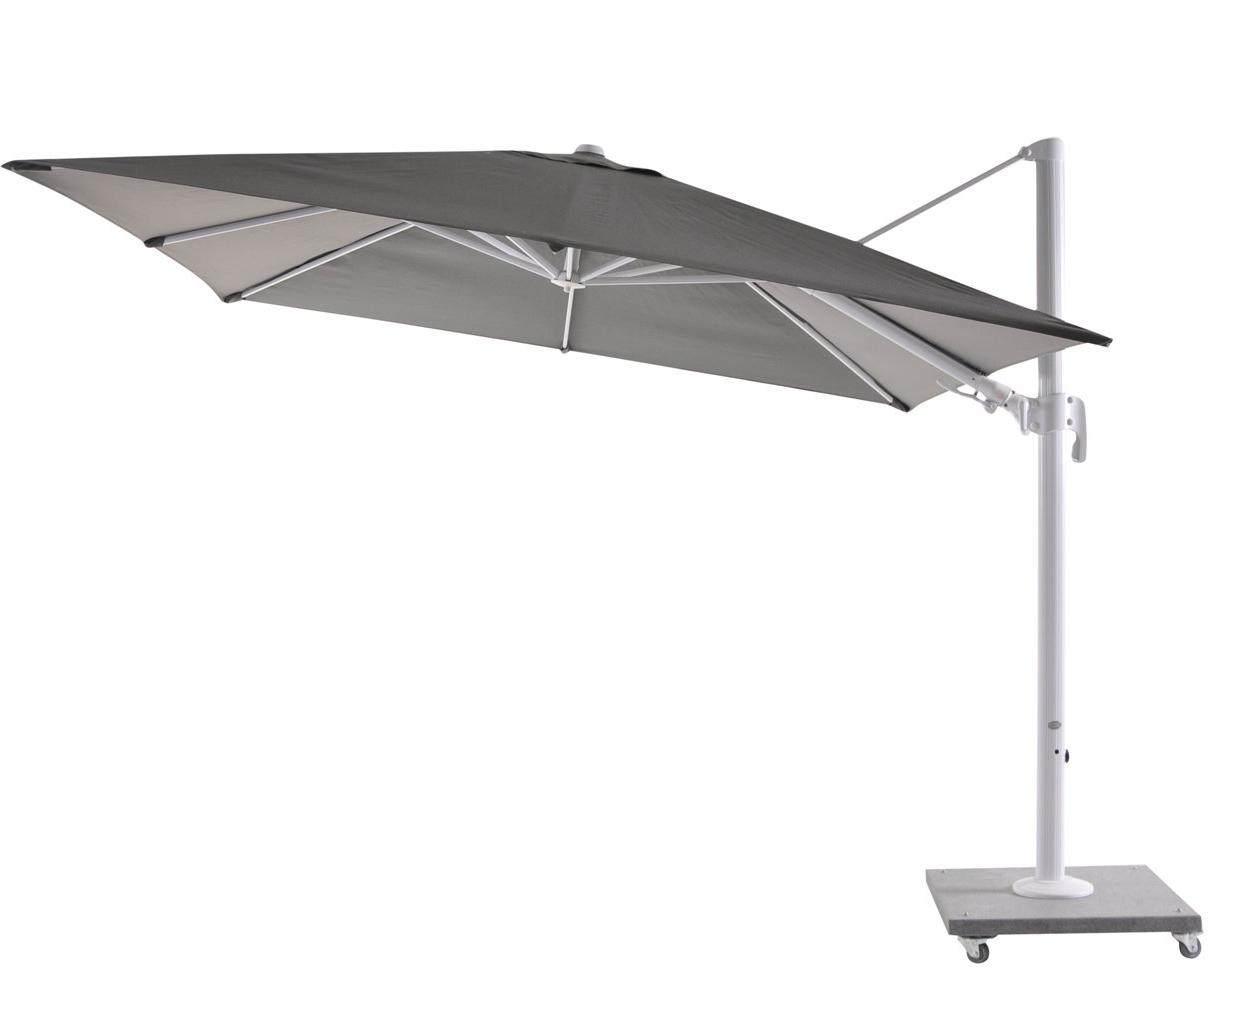 Latest Wardingham Square Cantilever Umbrellas For Bozarth 10' Square Cantilever Umbrella (View 8 of 20)